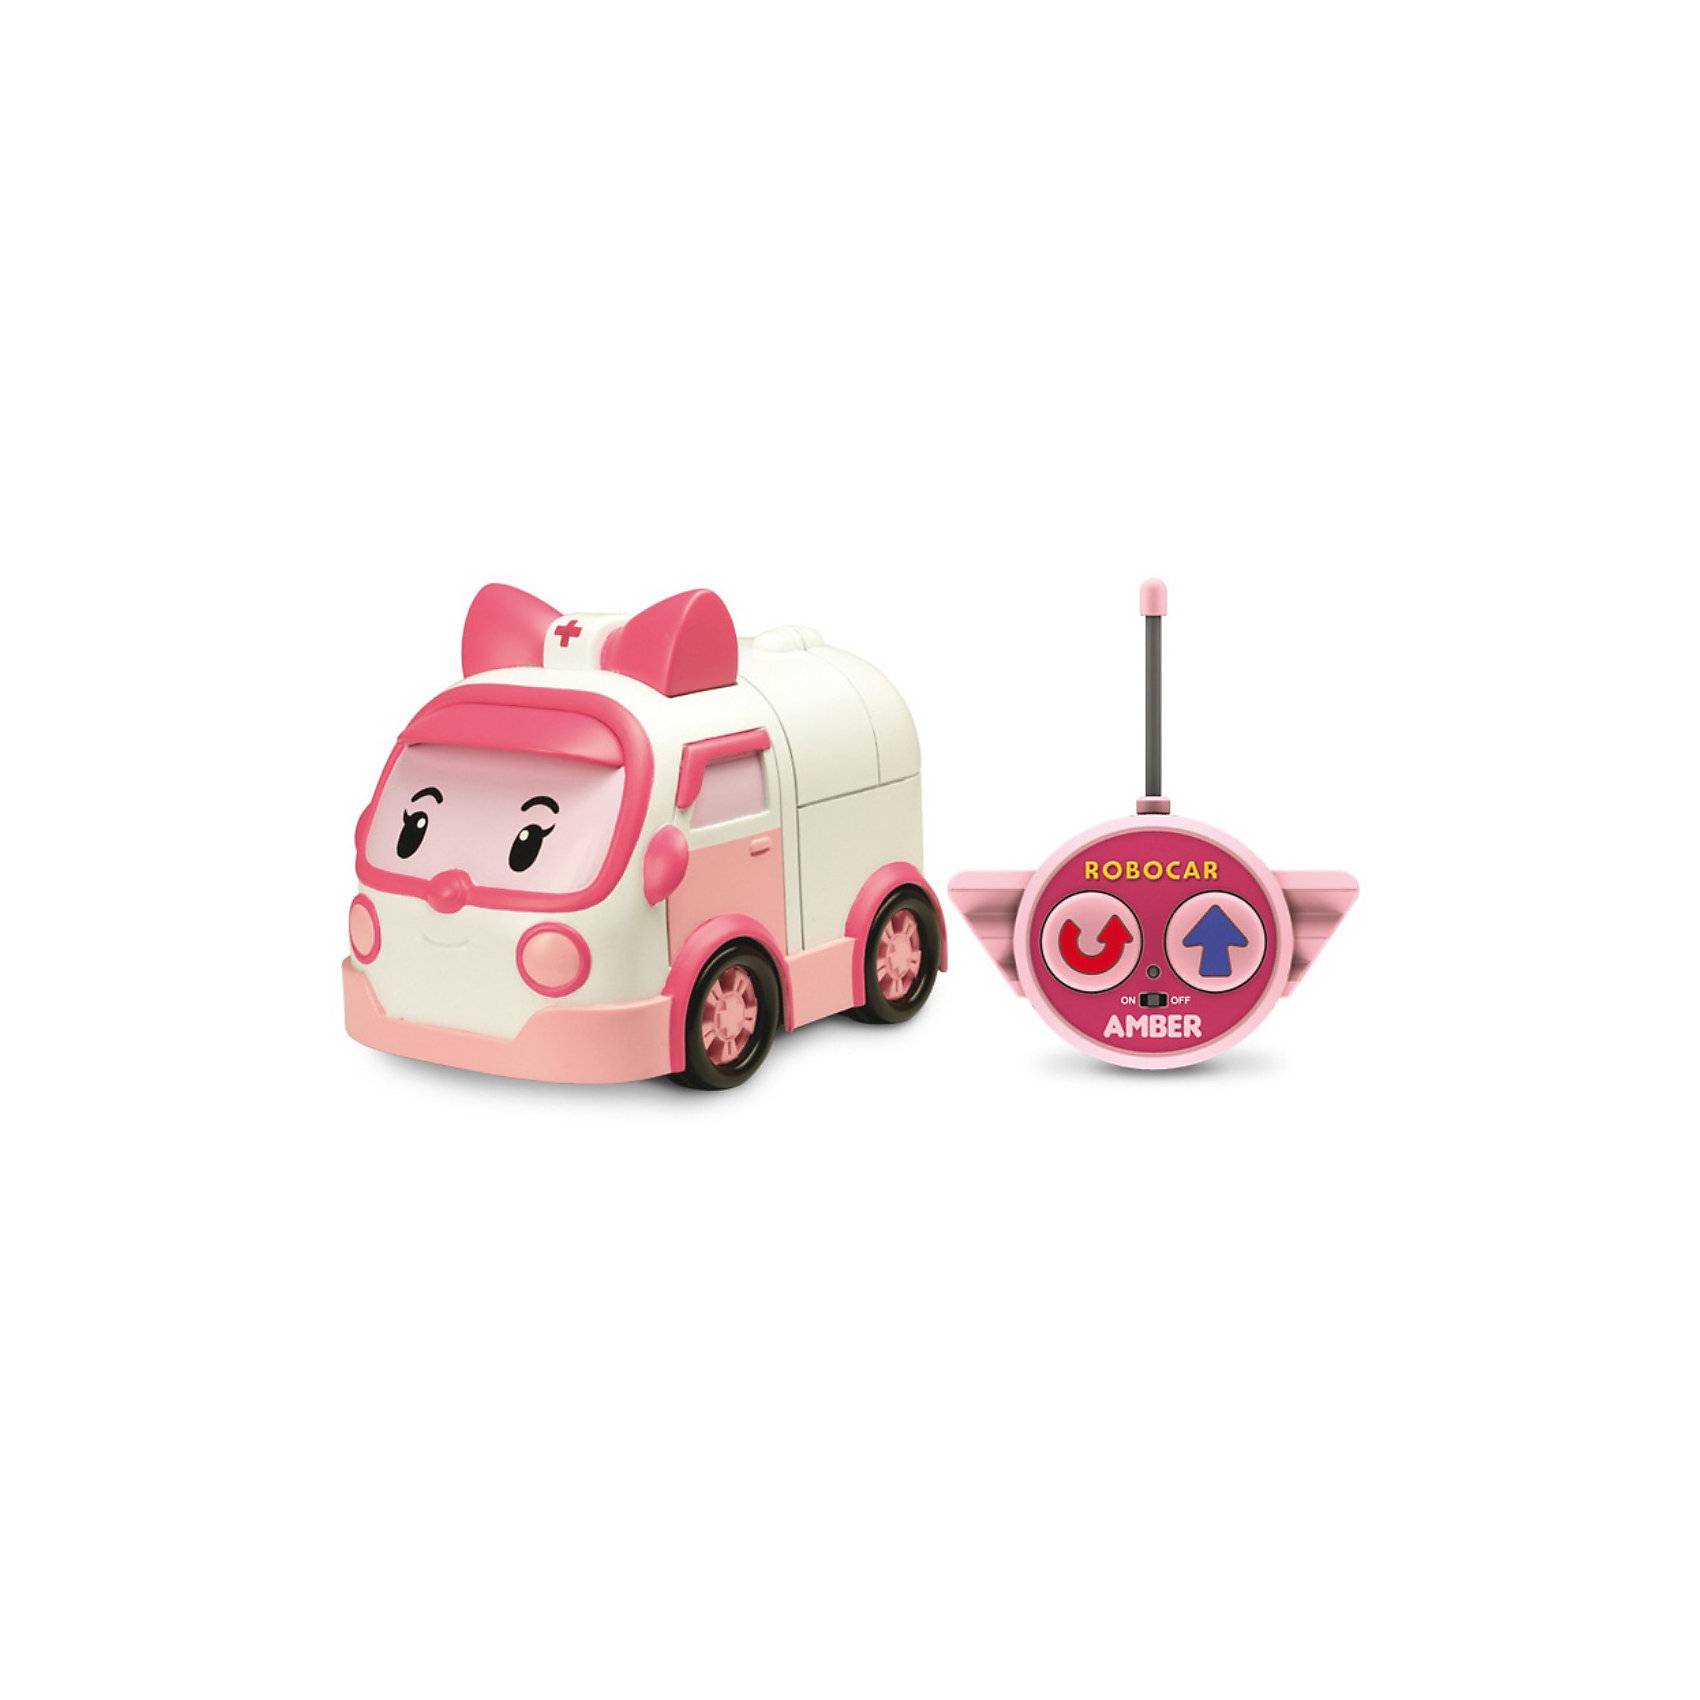 Silverlit Игрушка Эмбер на радиоуправлении, 15см, Робокар Поли игрушка на радиоуправлении